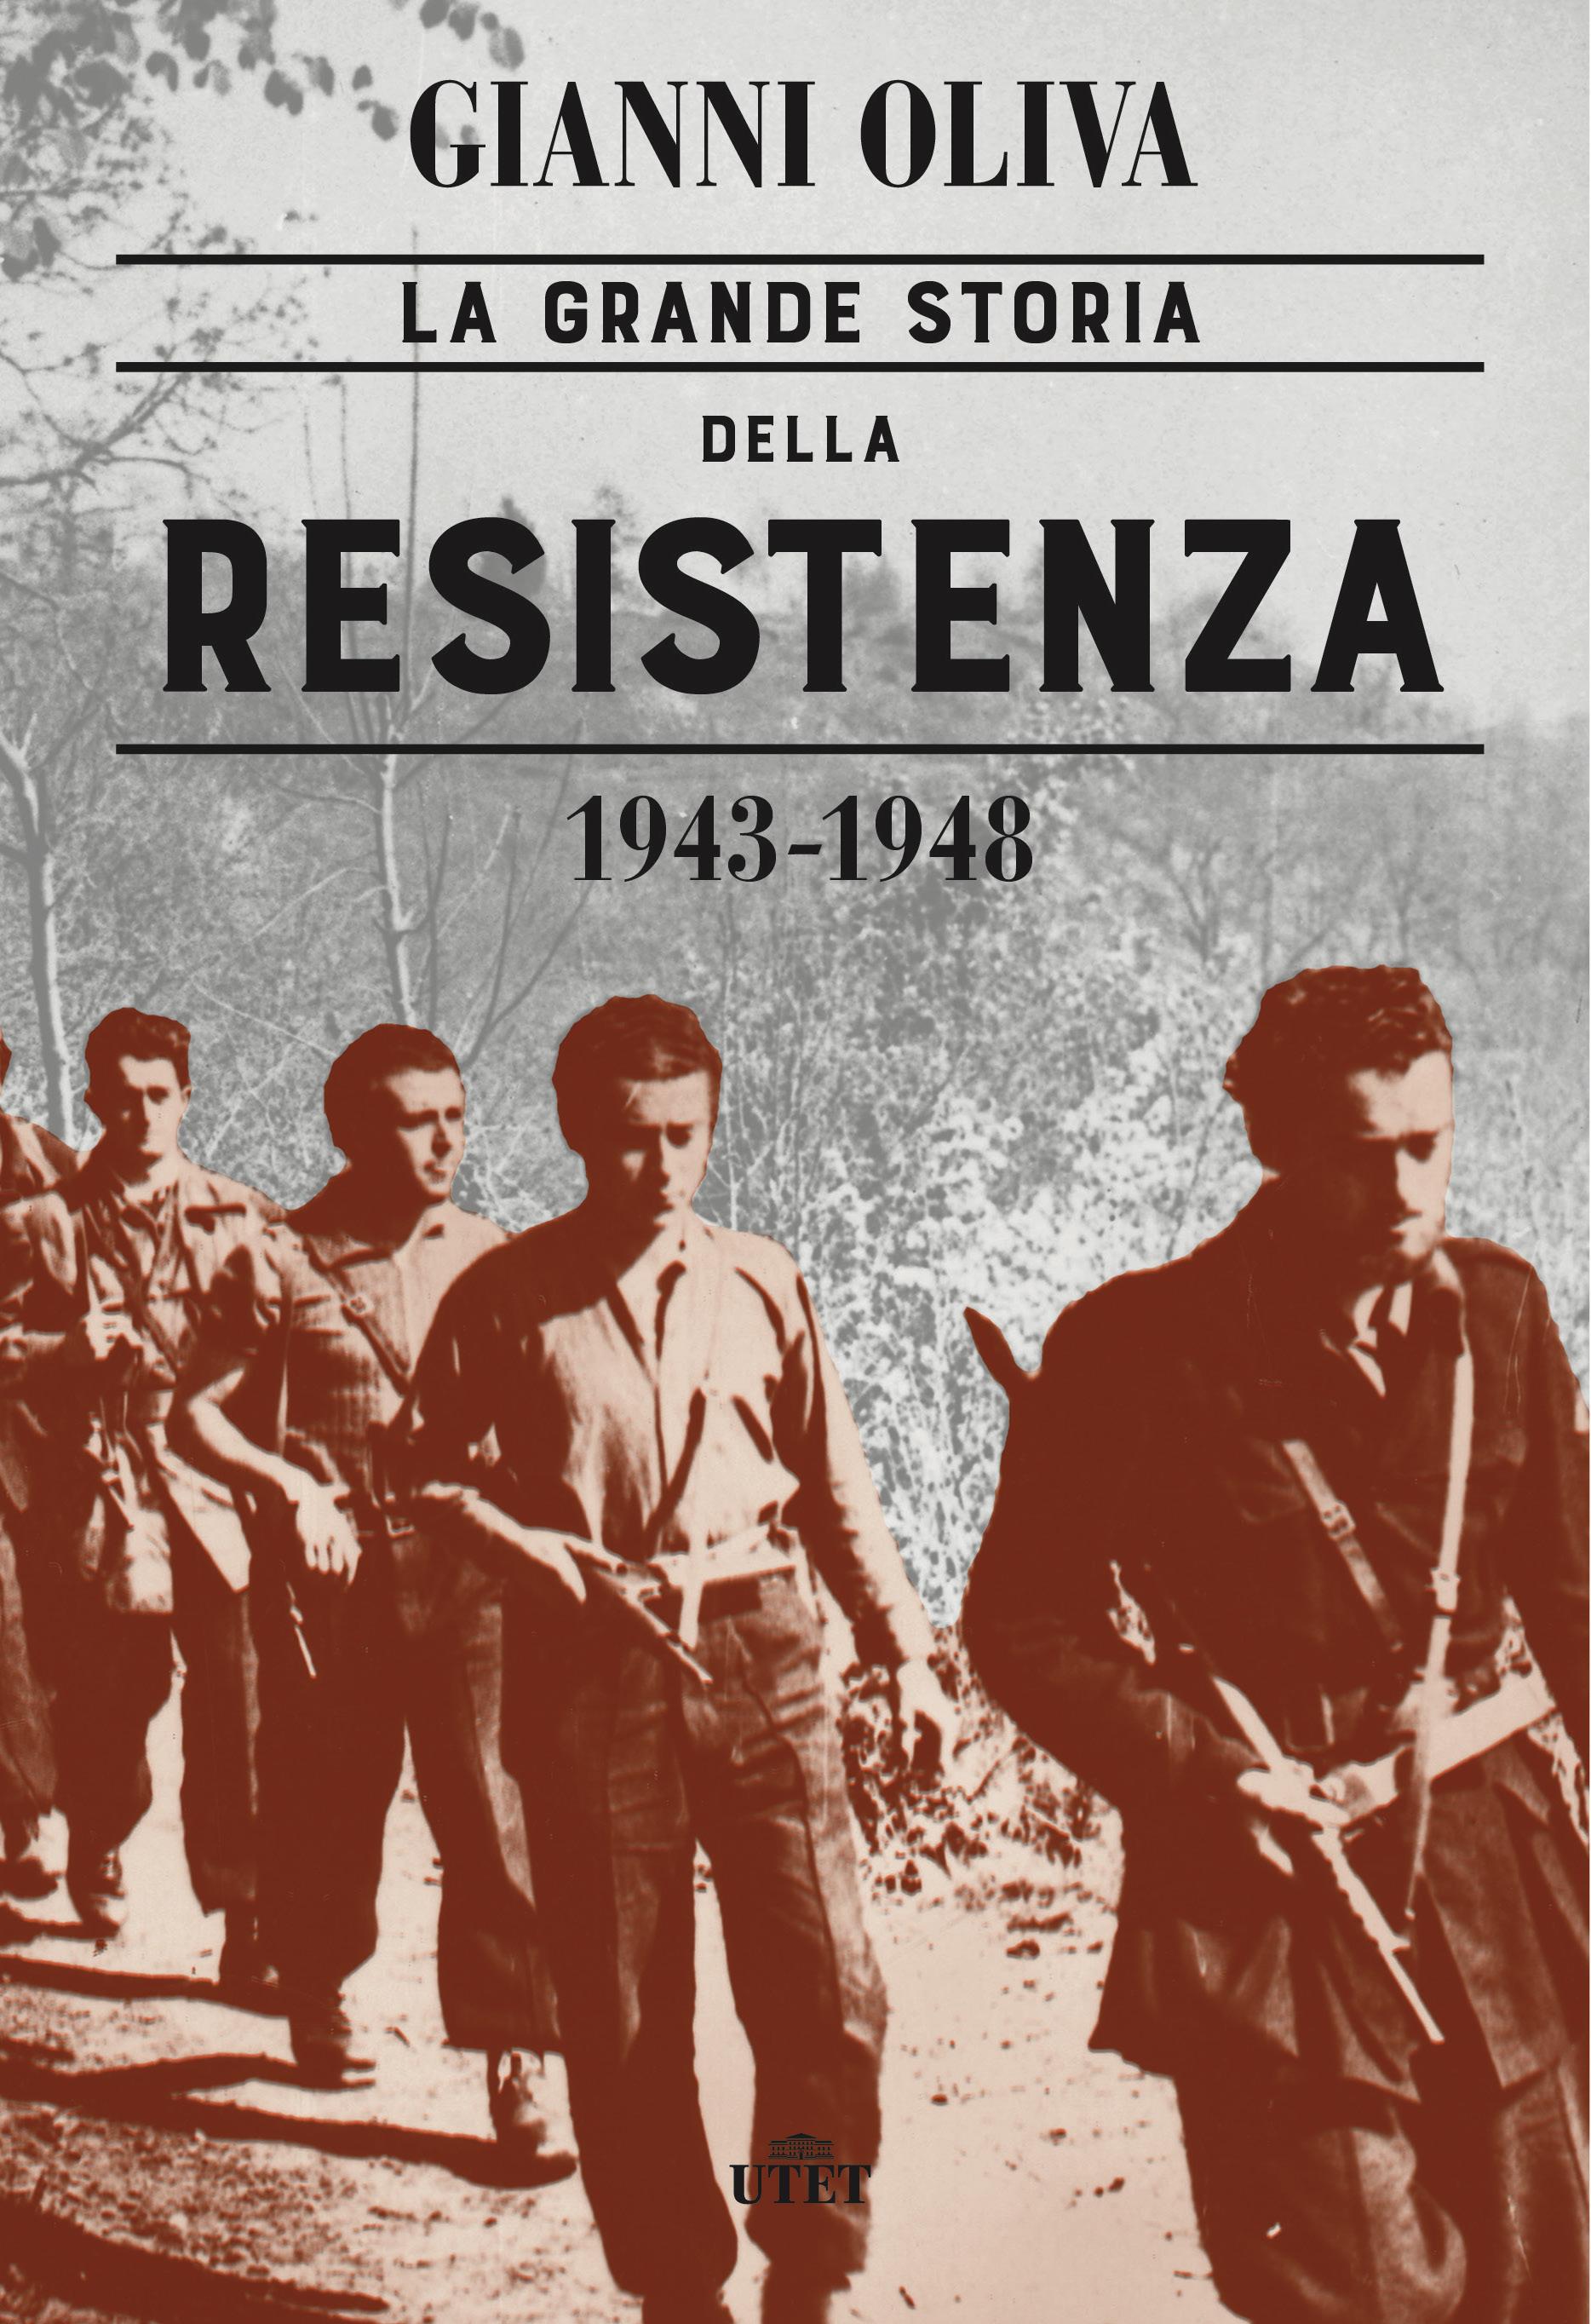 La grande storia della Resistenza   Libri   Utet Libri